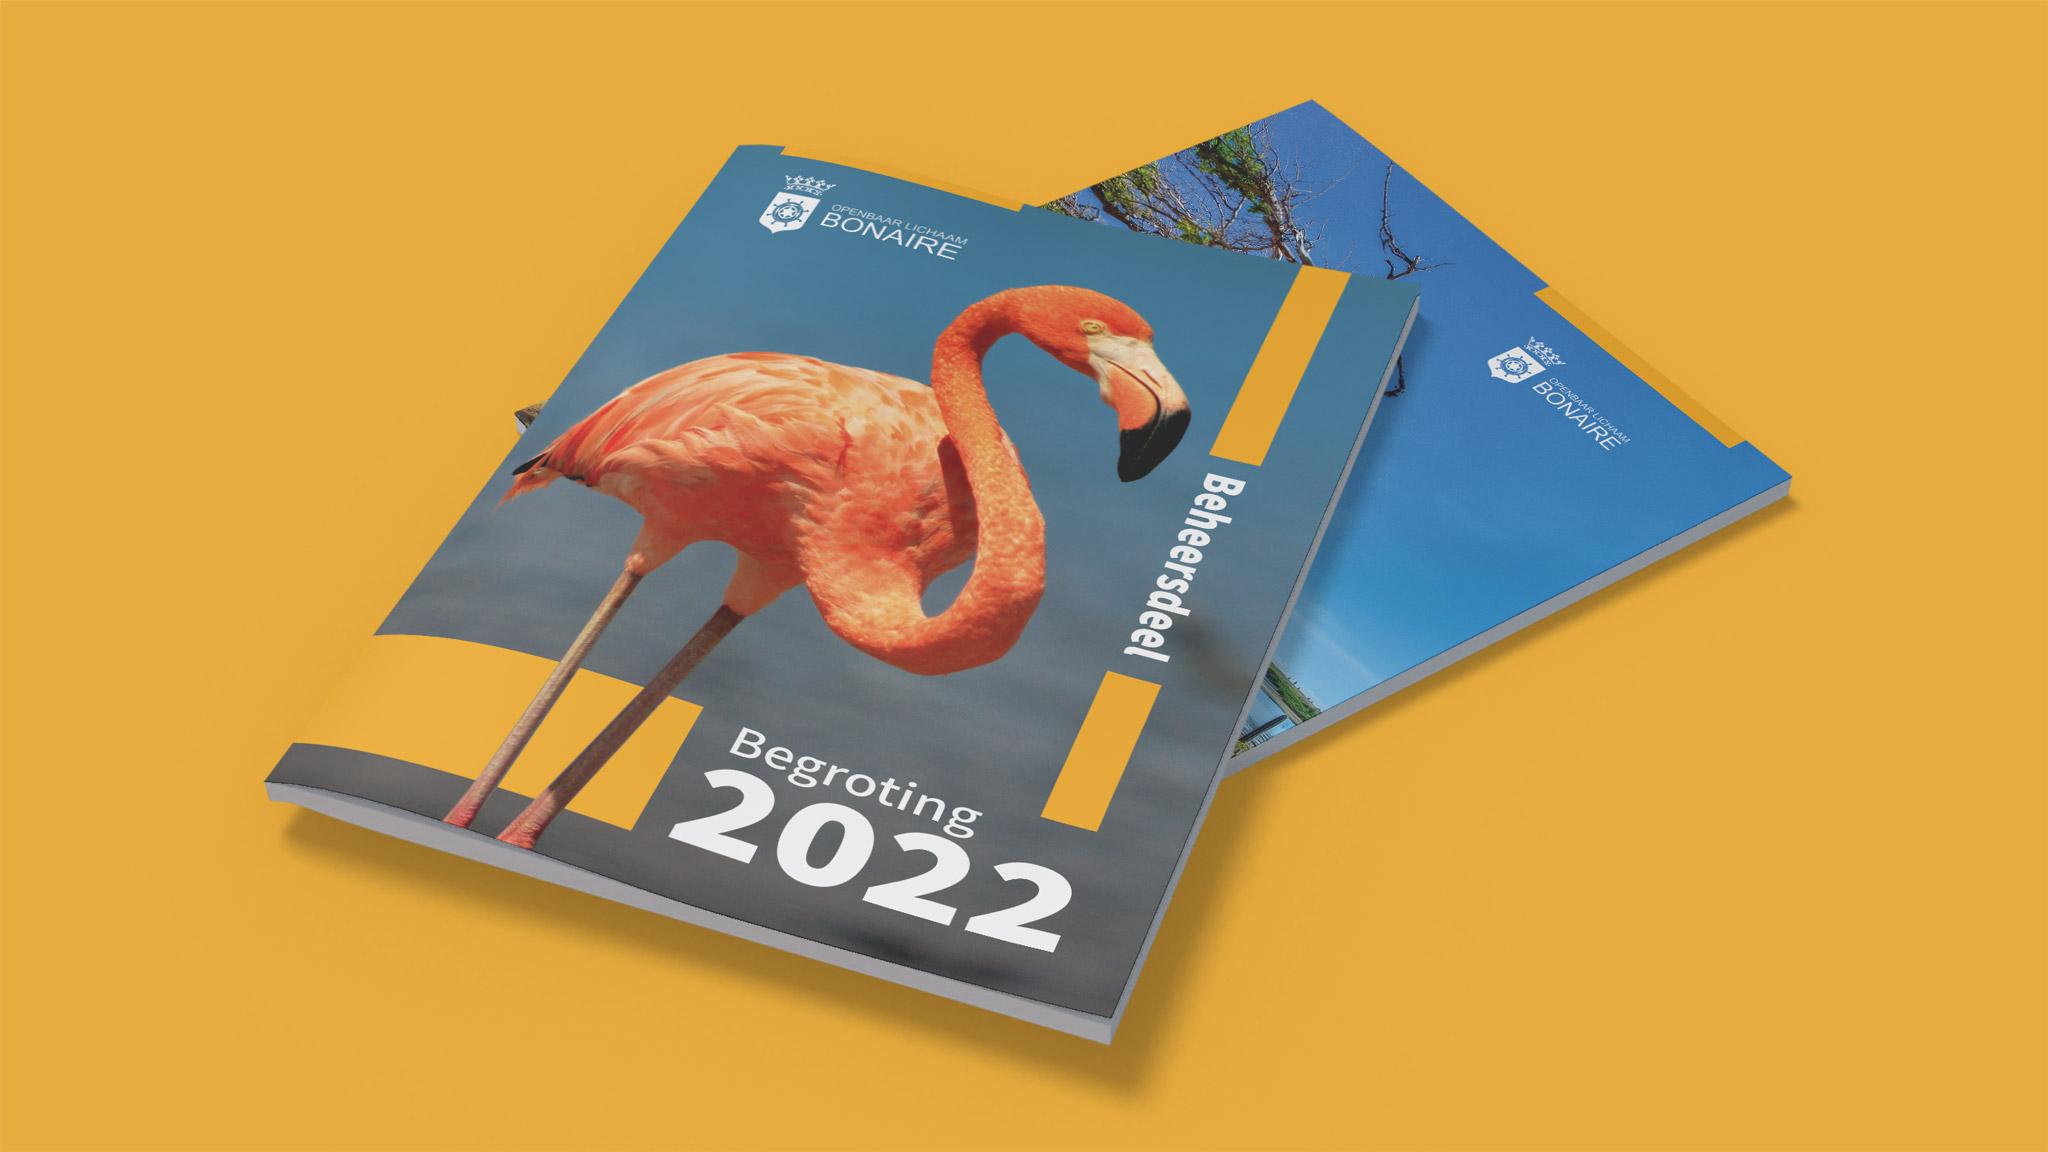 Begroting-2022---Mockup_1